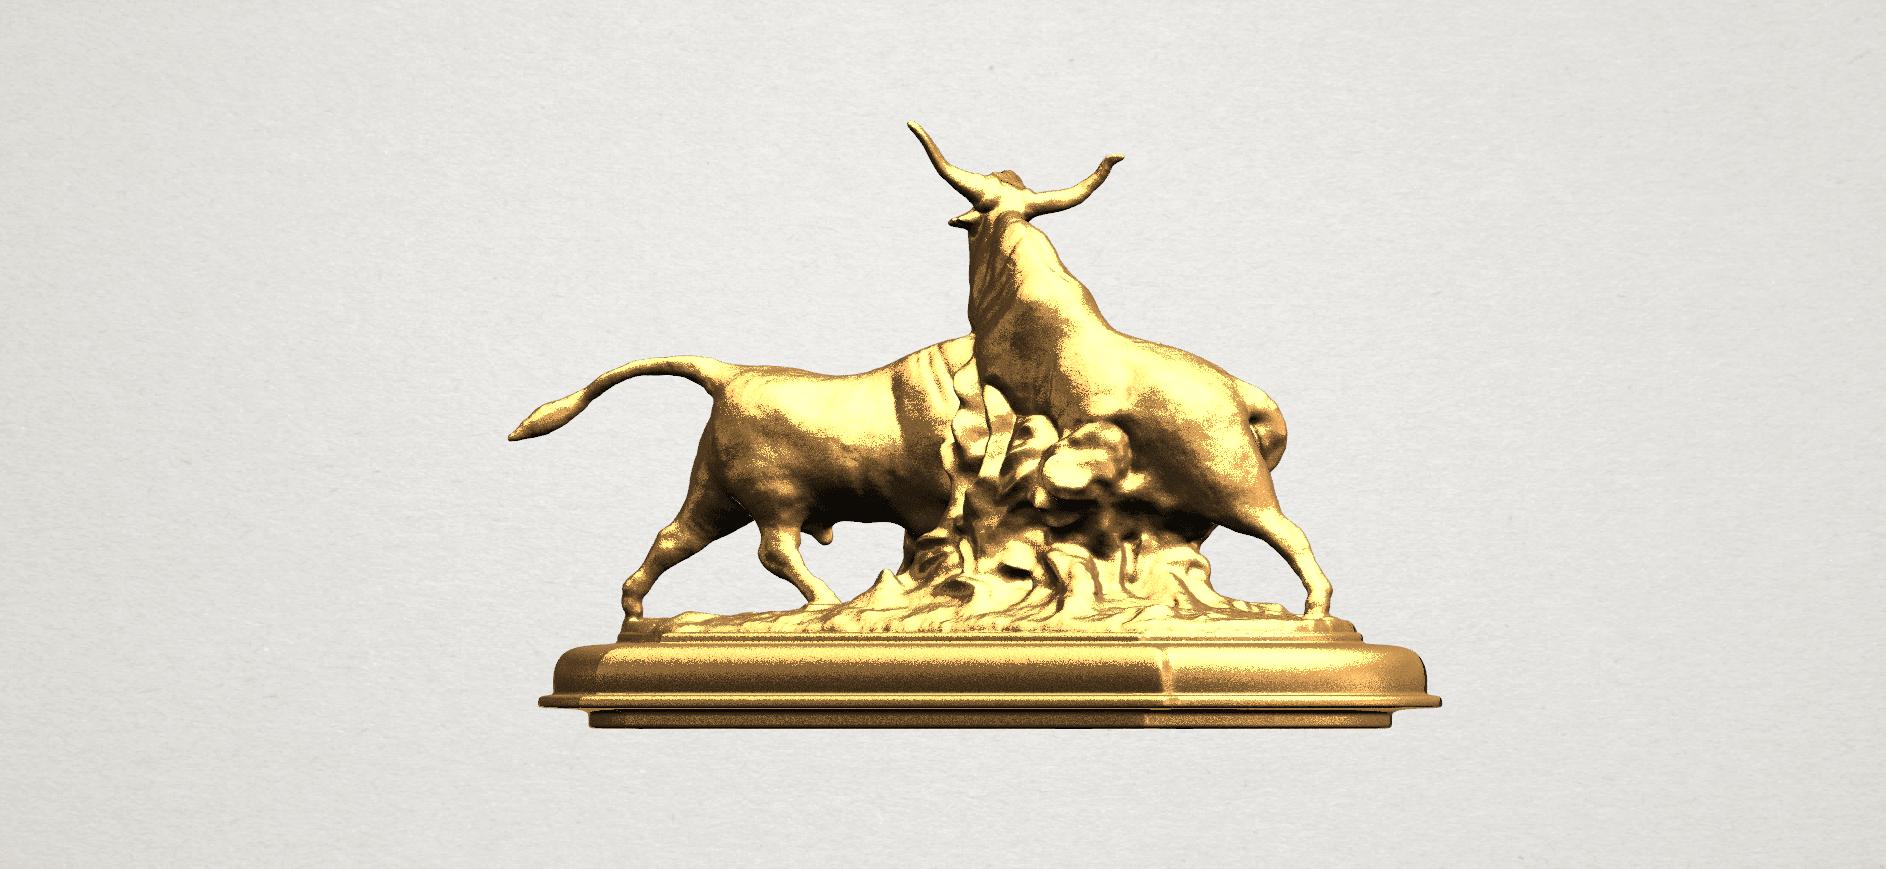 Bull (iii) A05.png Télécharger fichier STL gratuit Taureau 03 • Plan imprimable en 3D, GeorgesNikkei